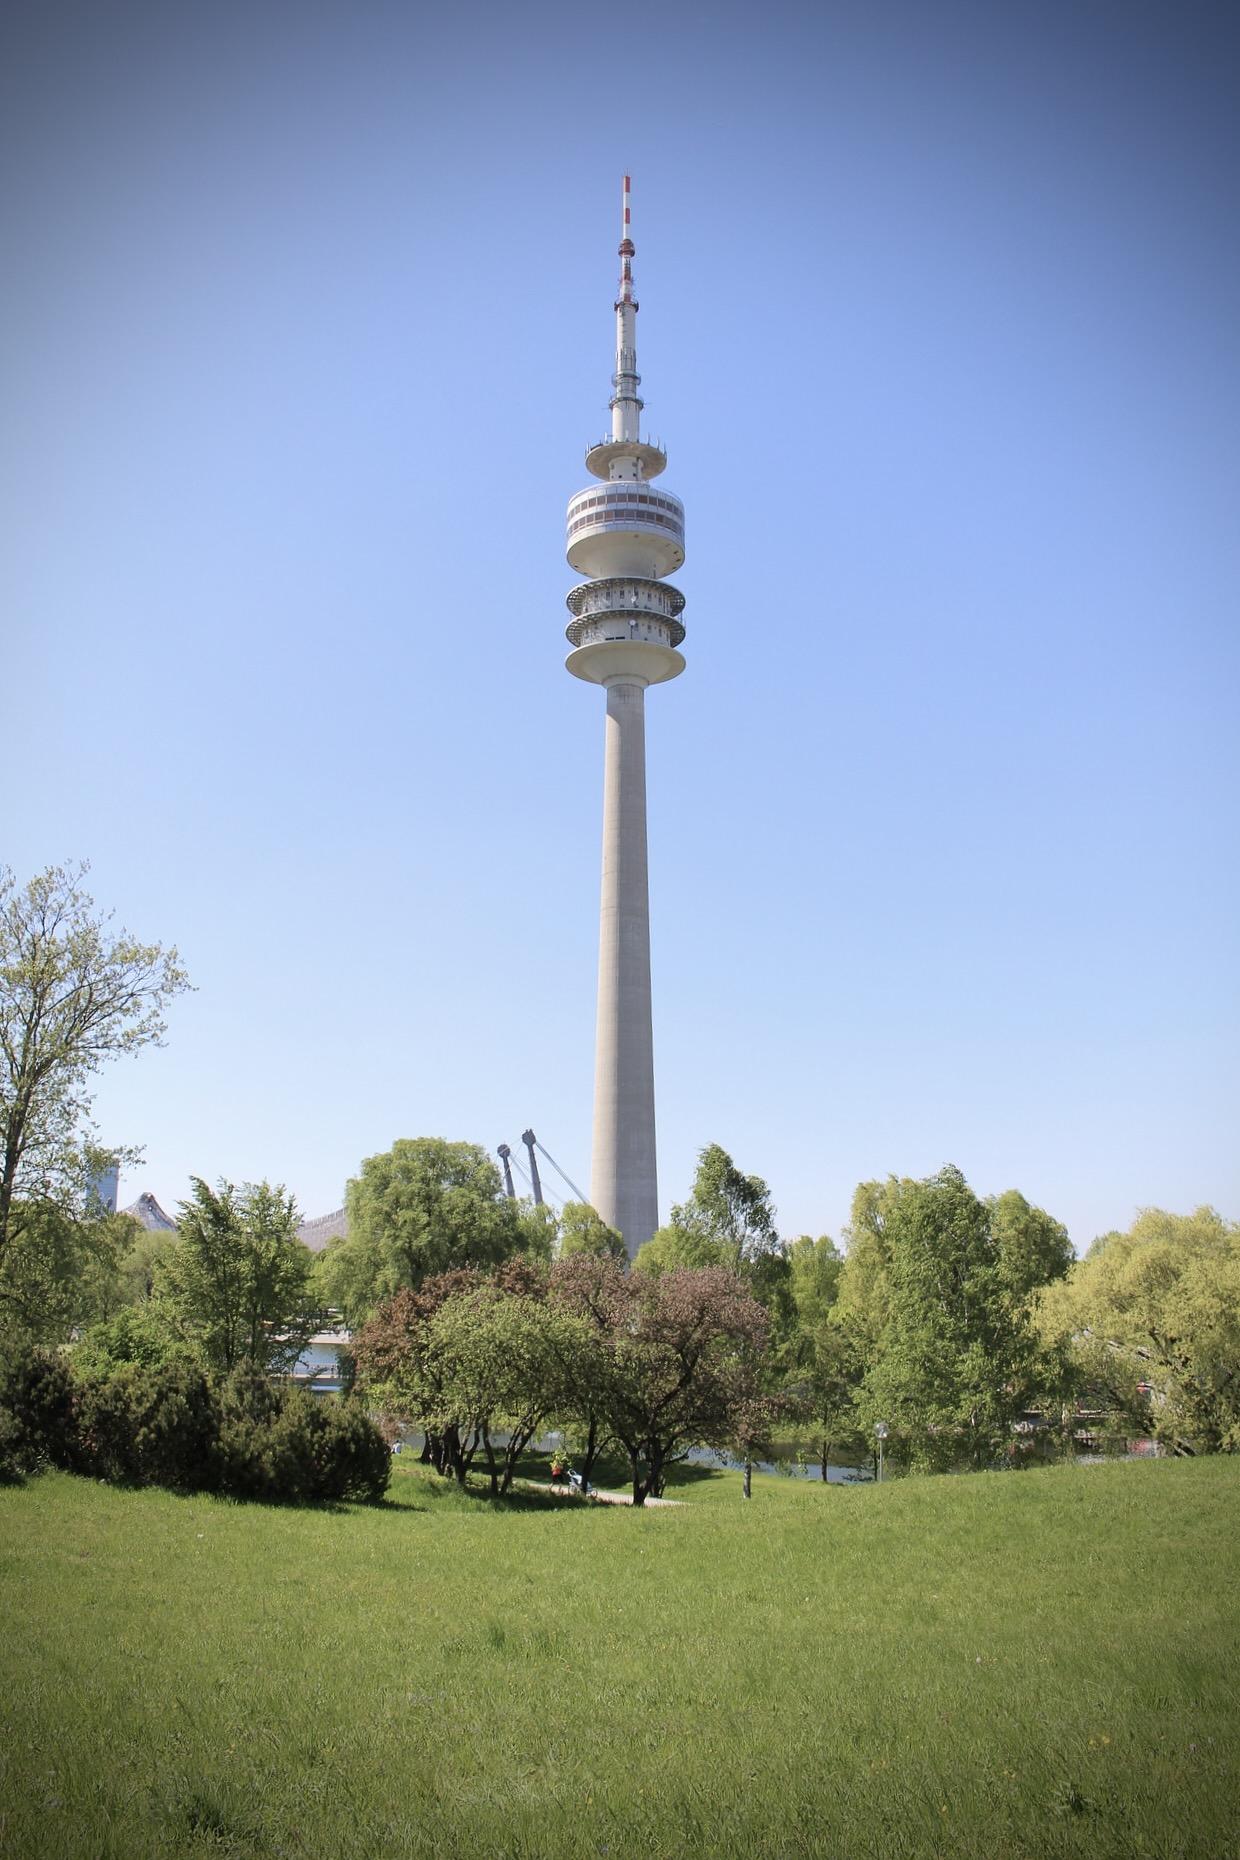 Der Olympiaturm ist ein Highlight unter den Aussichtspunkten Münchens